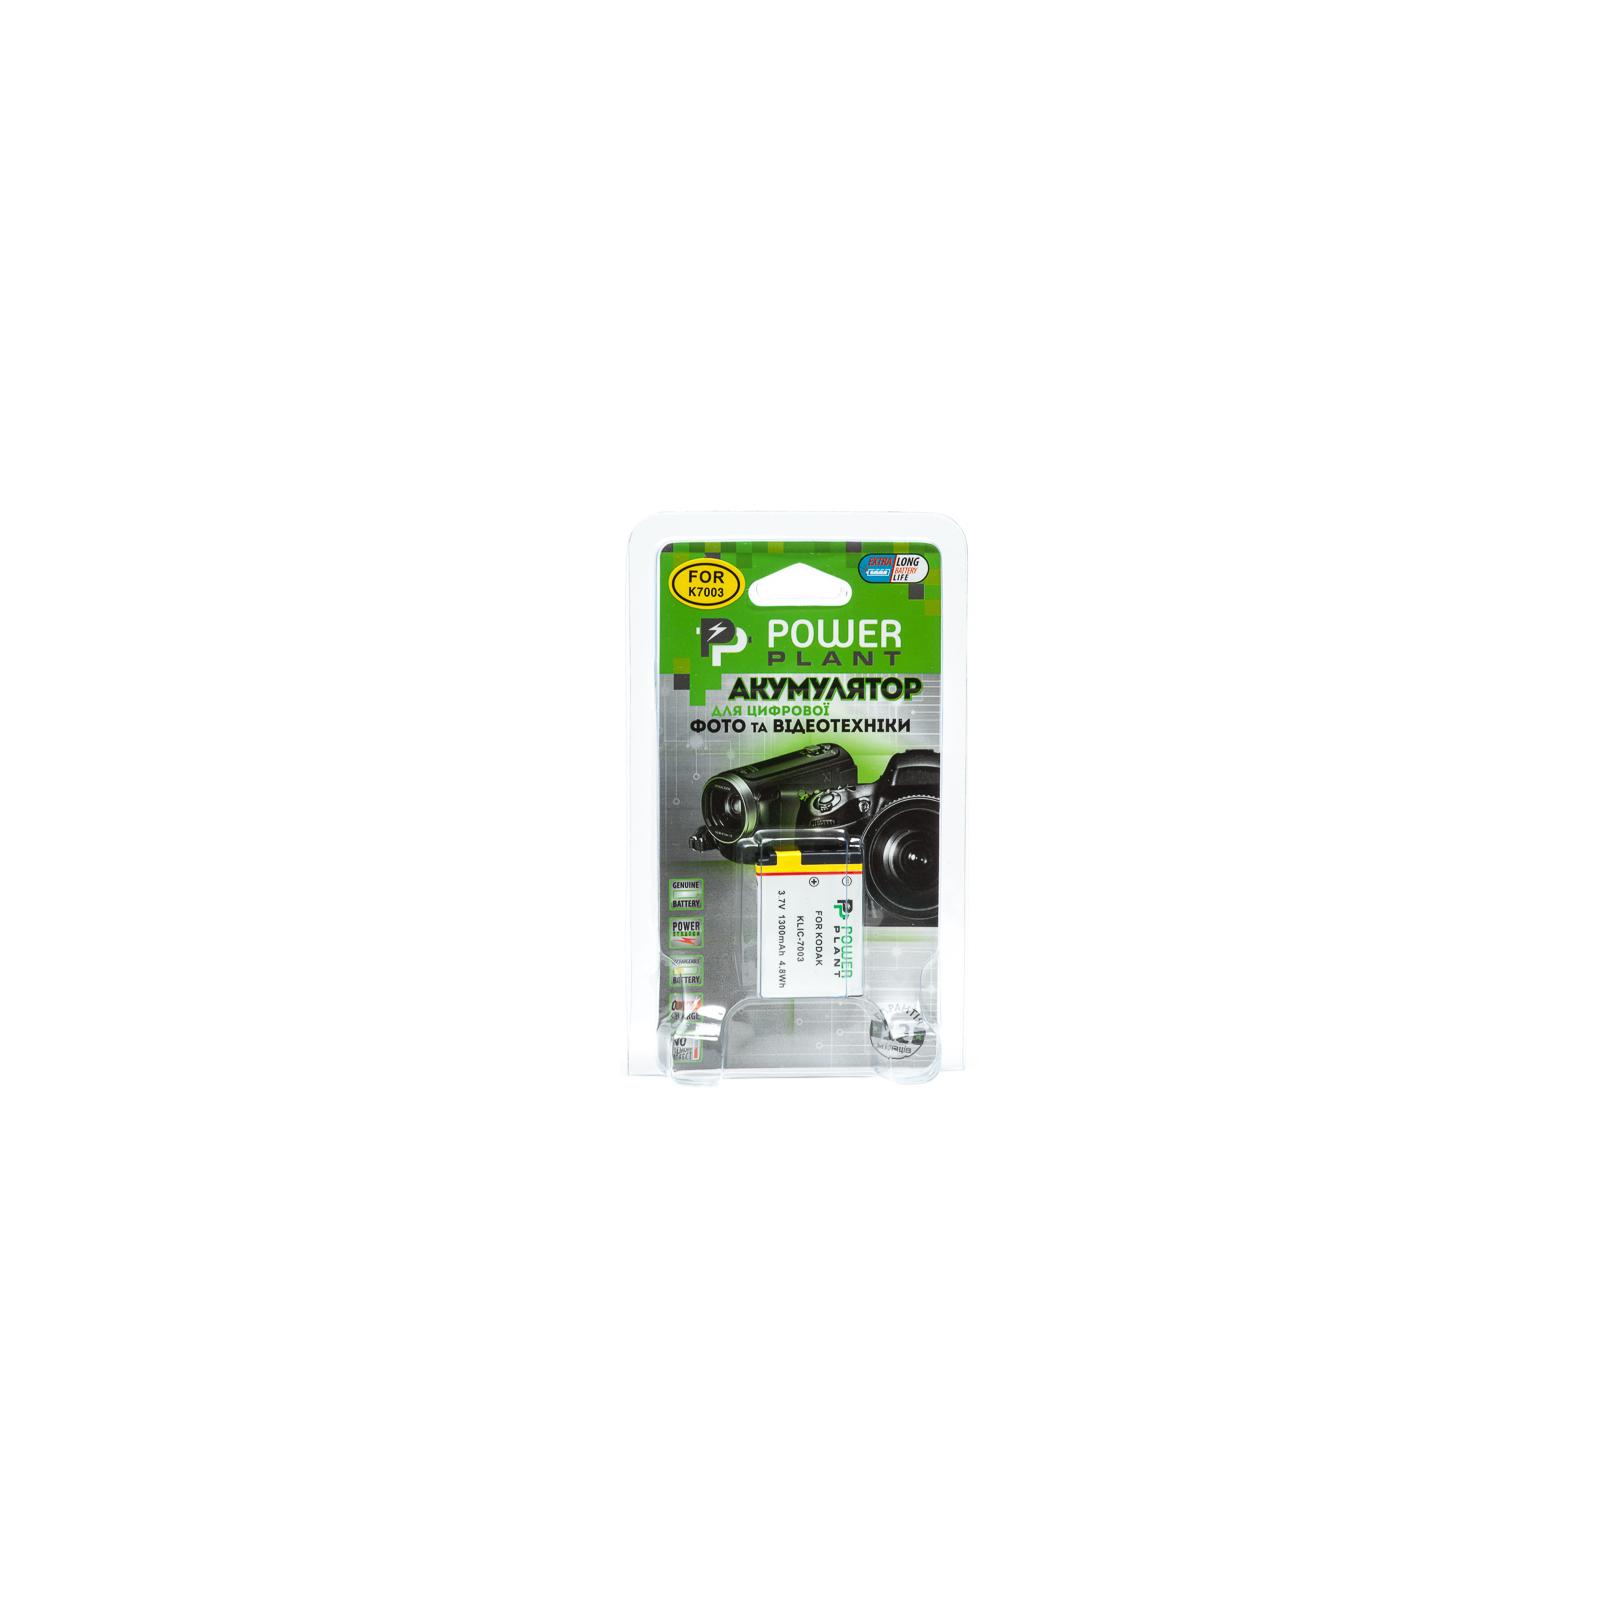 Аккумулятор к фото/видео PowerPlant Kodak KLIC-7003 (DV00DV1220) изображение 3